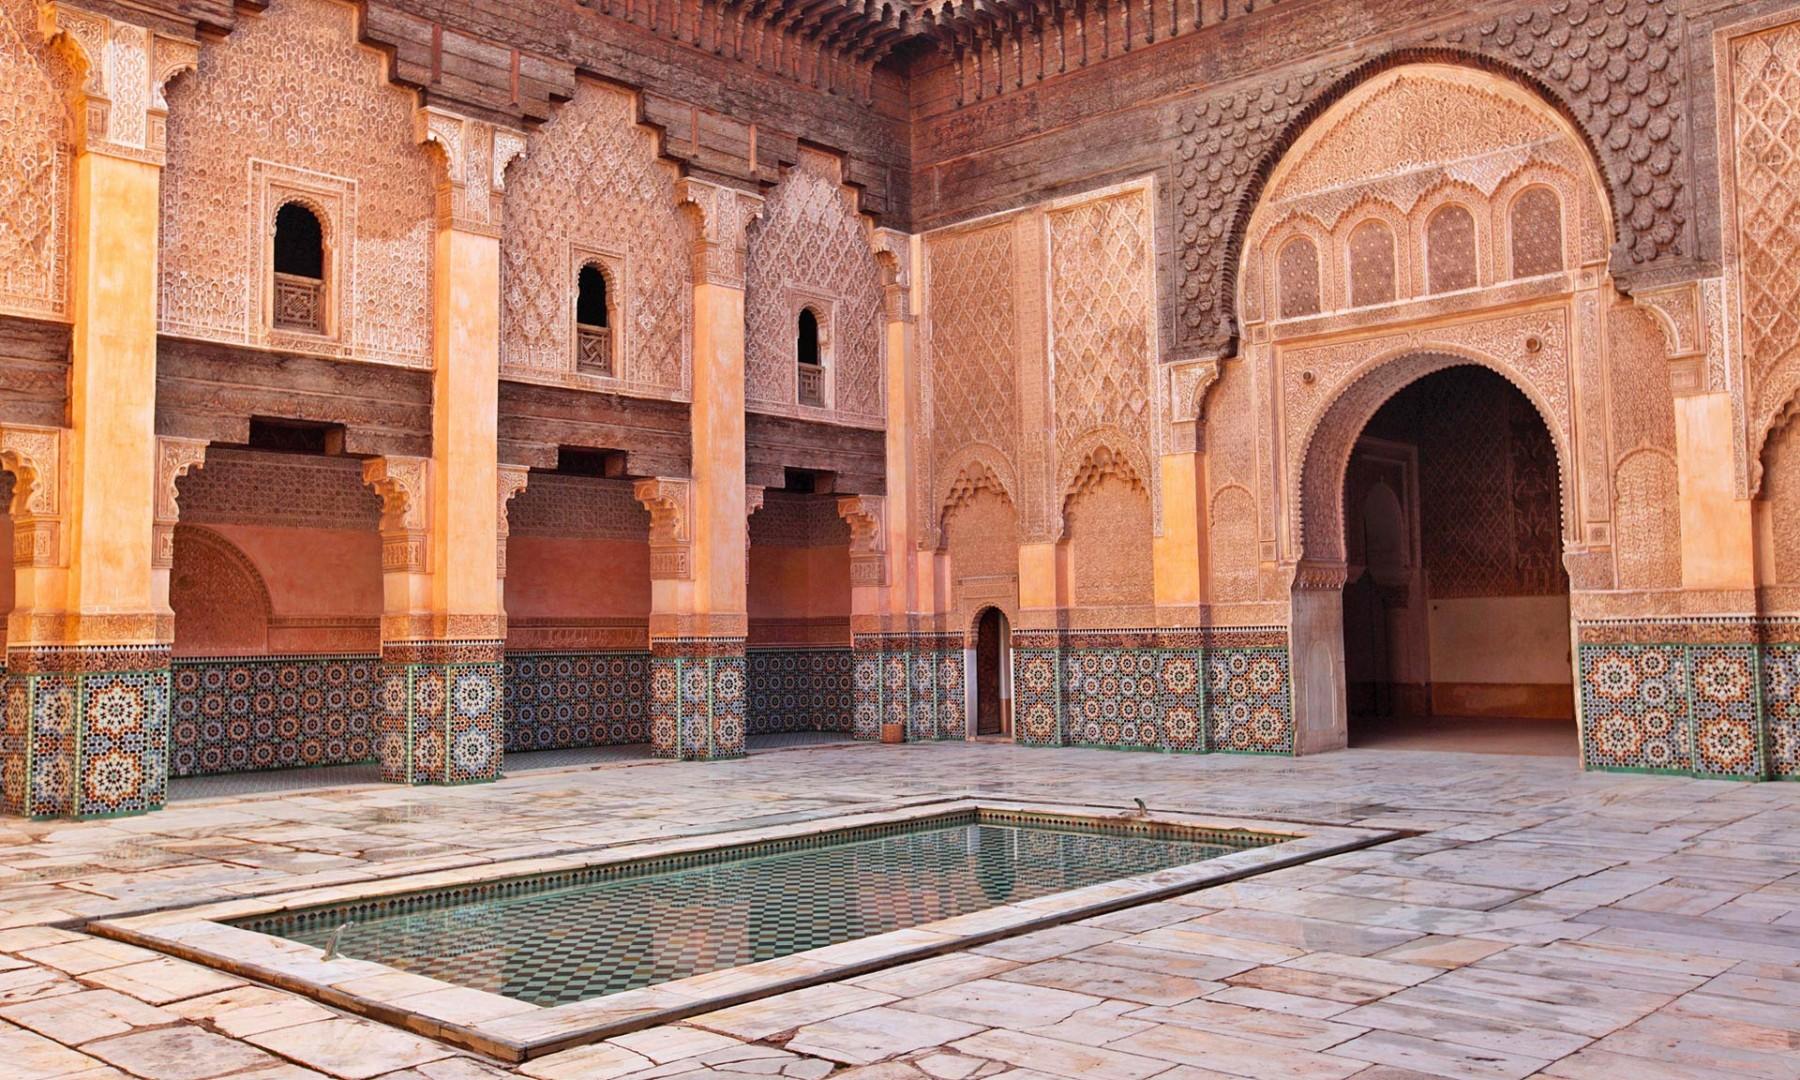 maroc_marrakech_medersa_ben_youssef